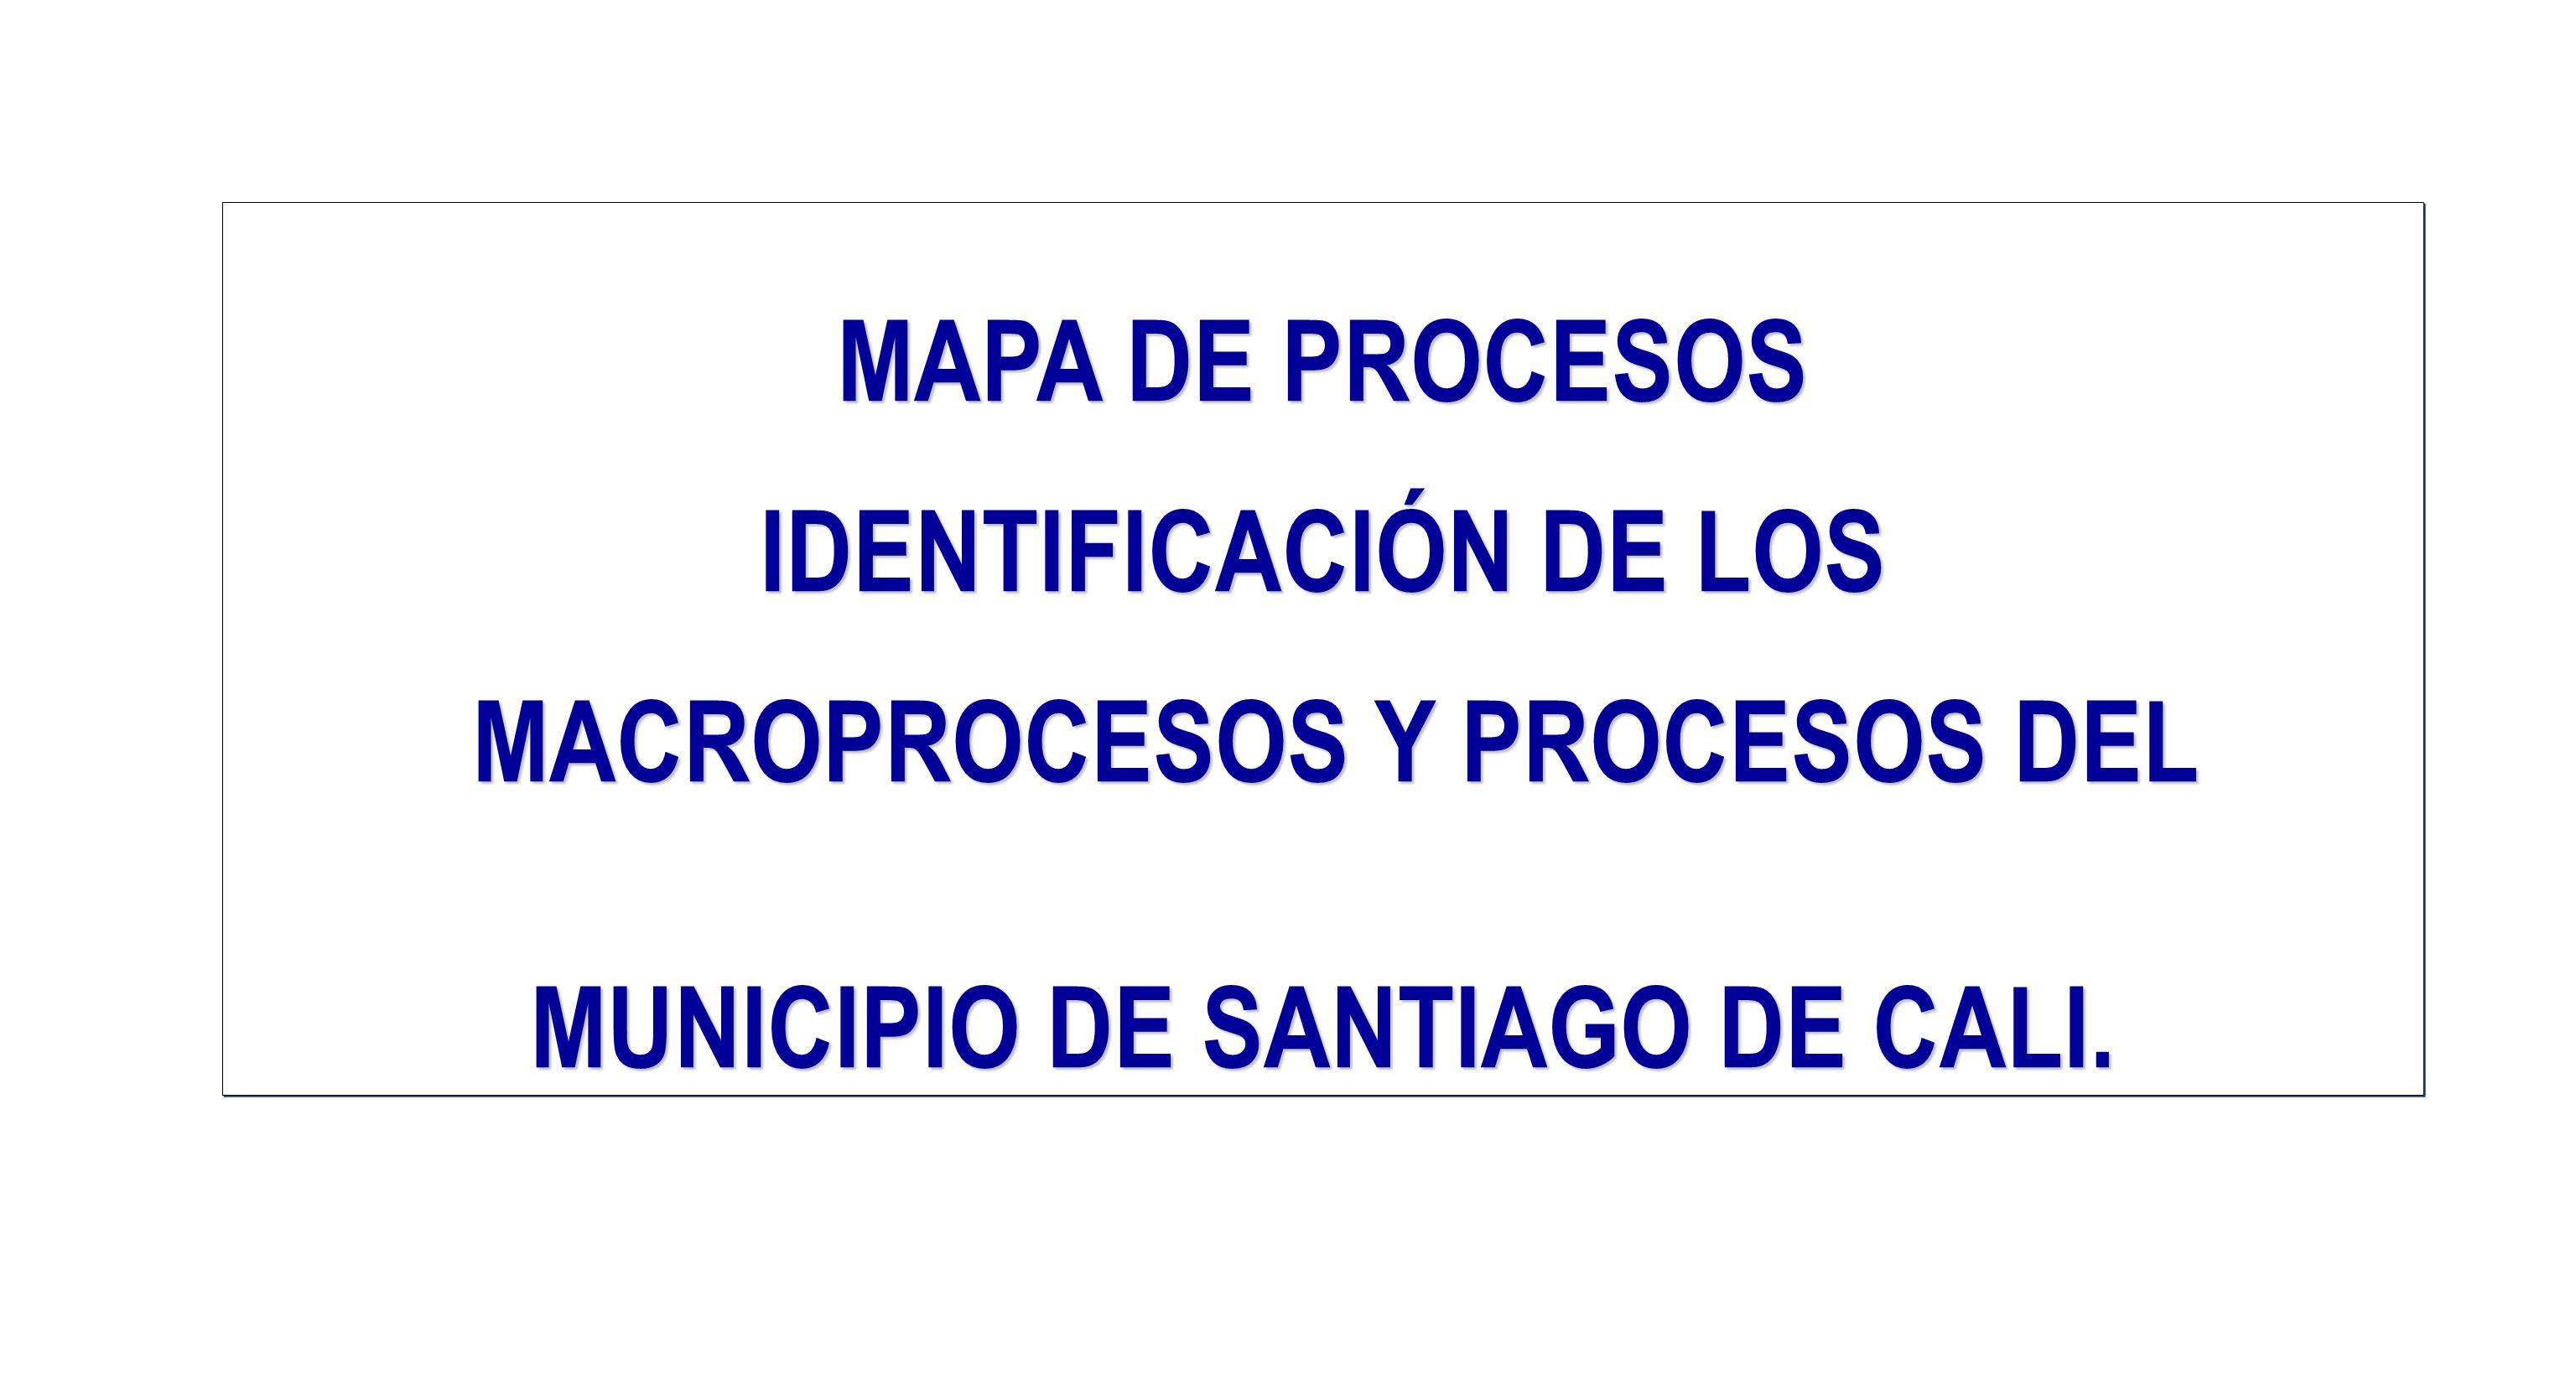 MAPA DE PROCESOS IDENTIFICACIÓN DE LOS MACROPROCESOS Y PROCESOS DEL MUNICIPIO DE SANTIAGO DE CALI.